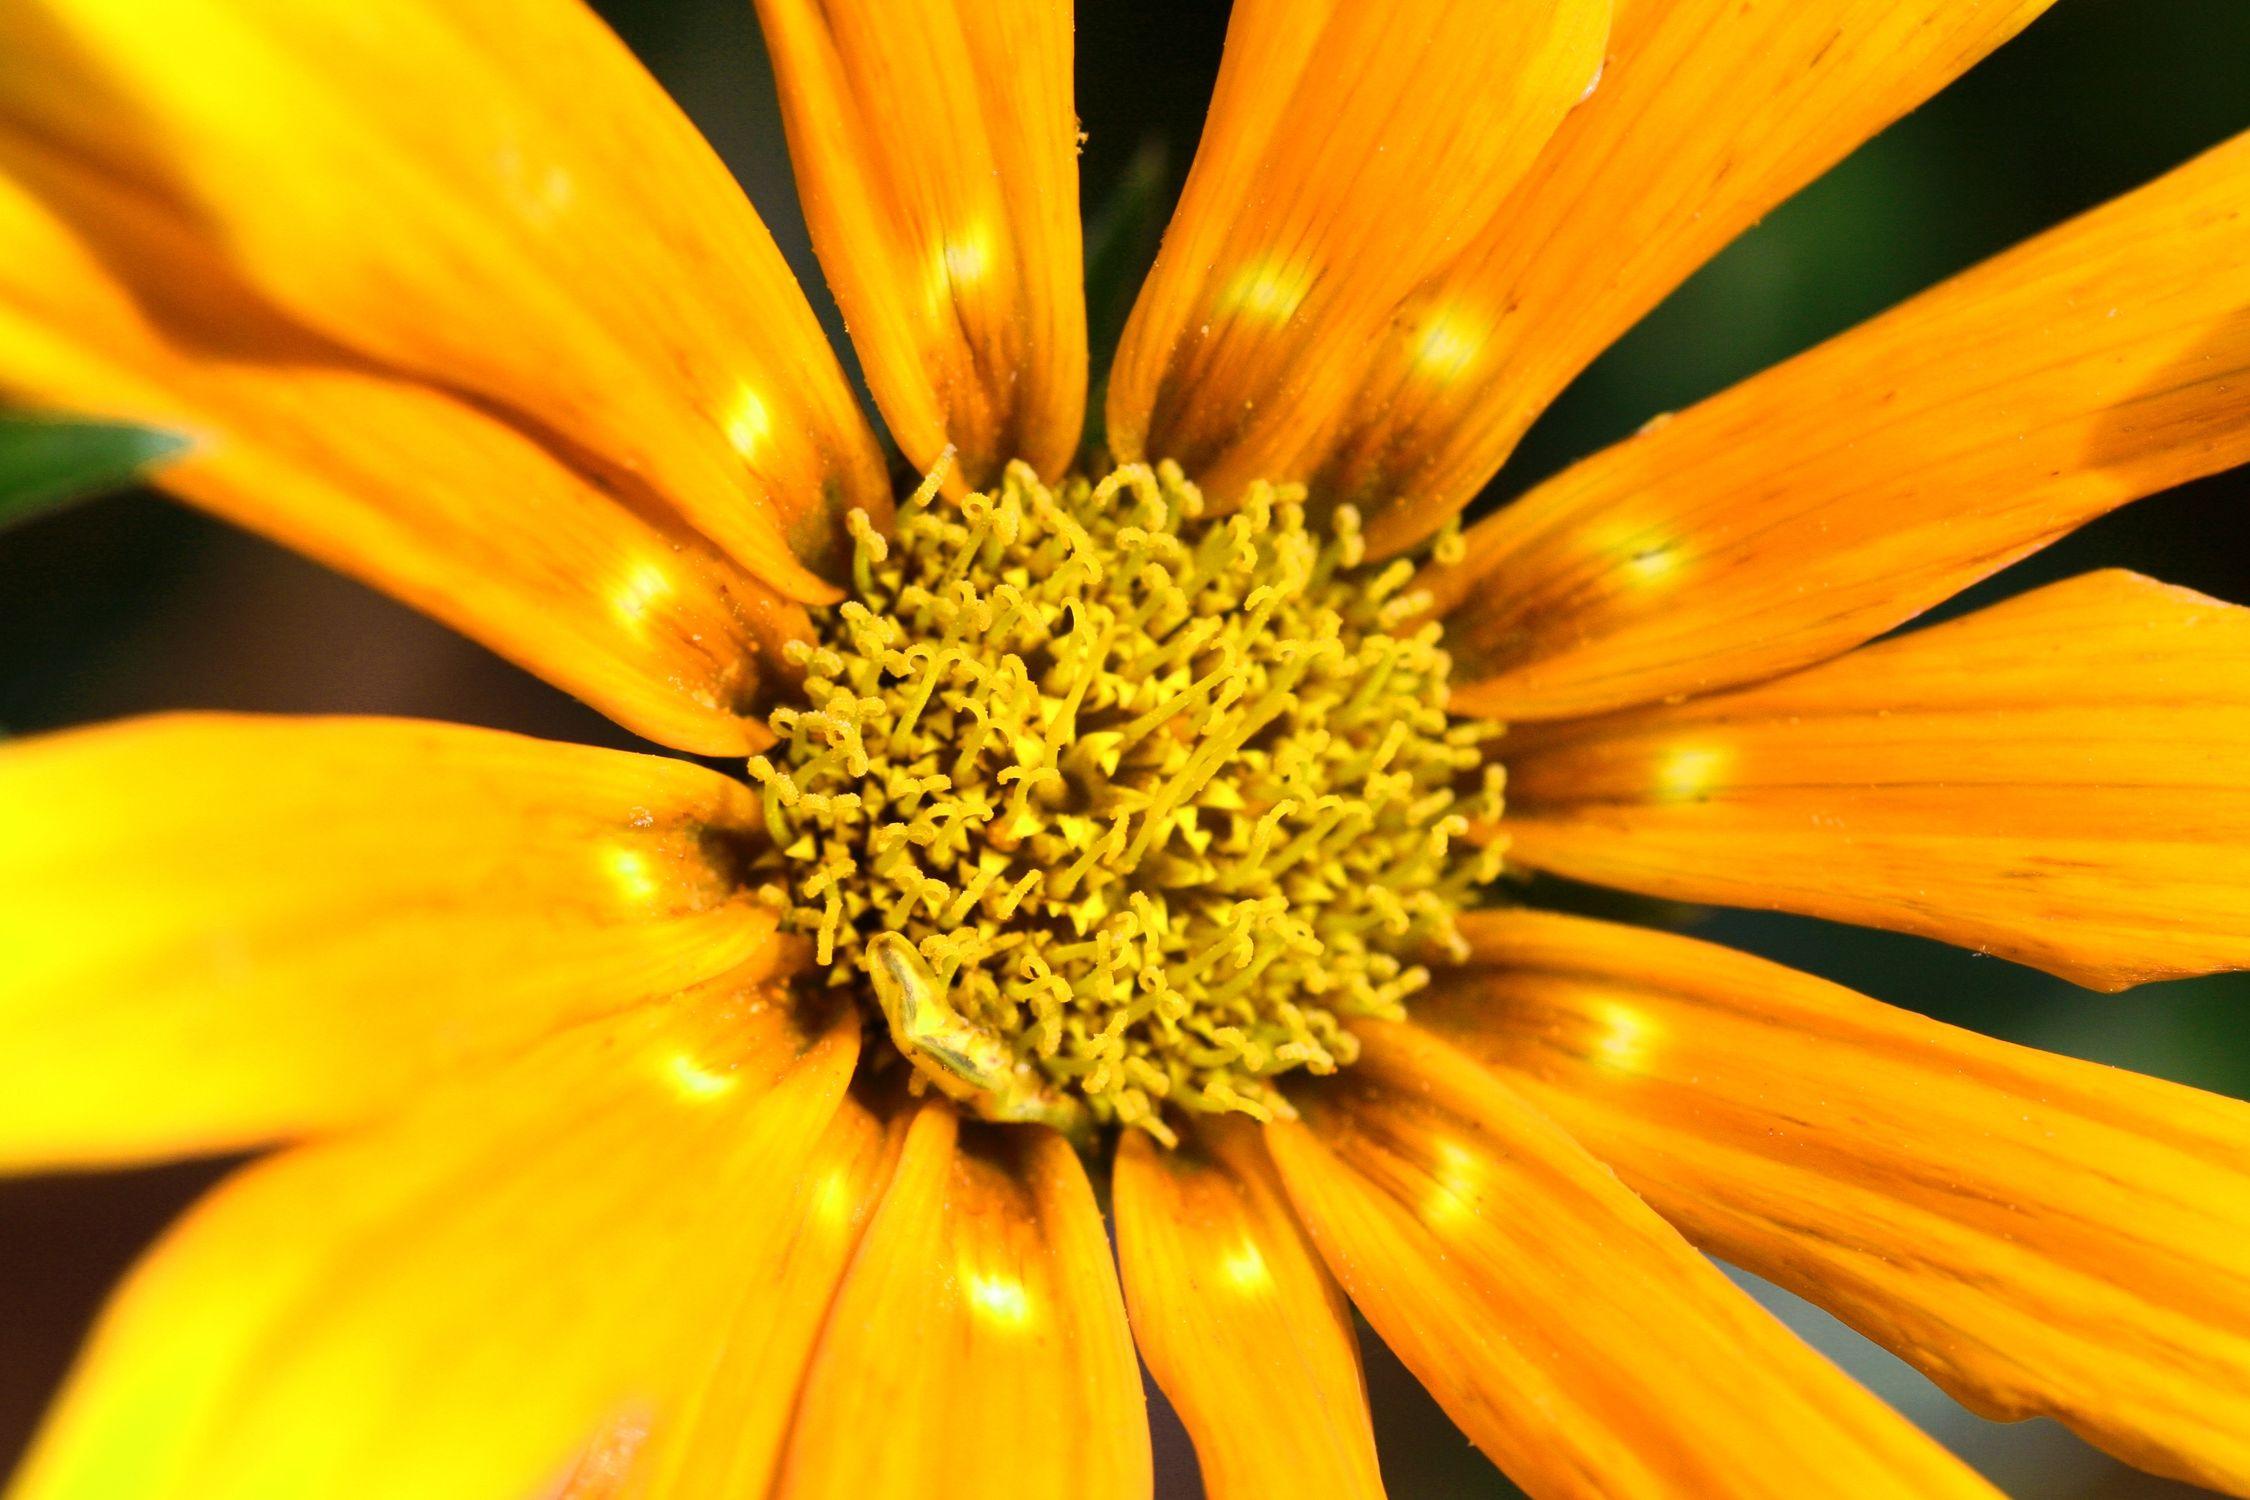 Bild mit Farben, Orange, Gelb, Natur, Pflanzen, Blumen, Korbblütler, Sonnenblumen